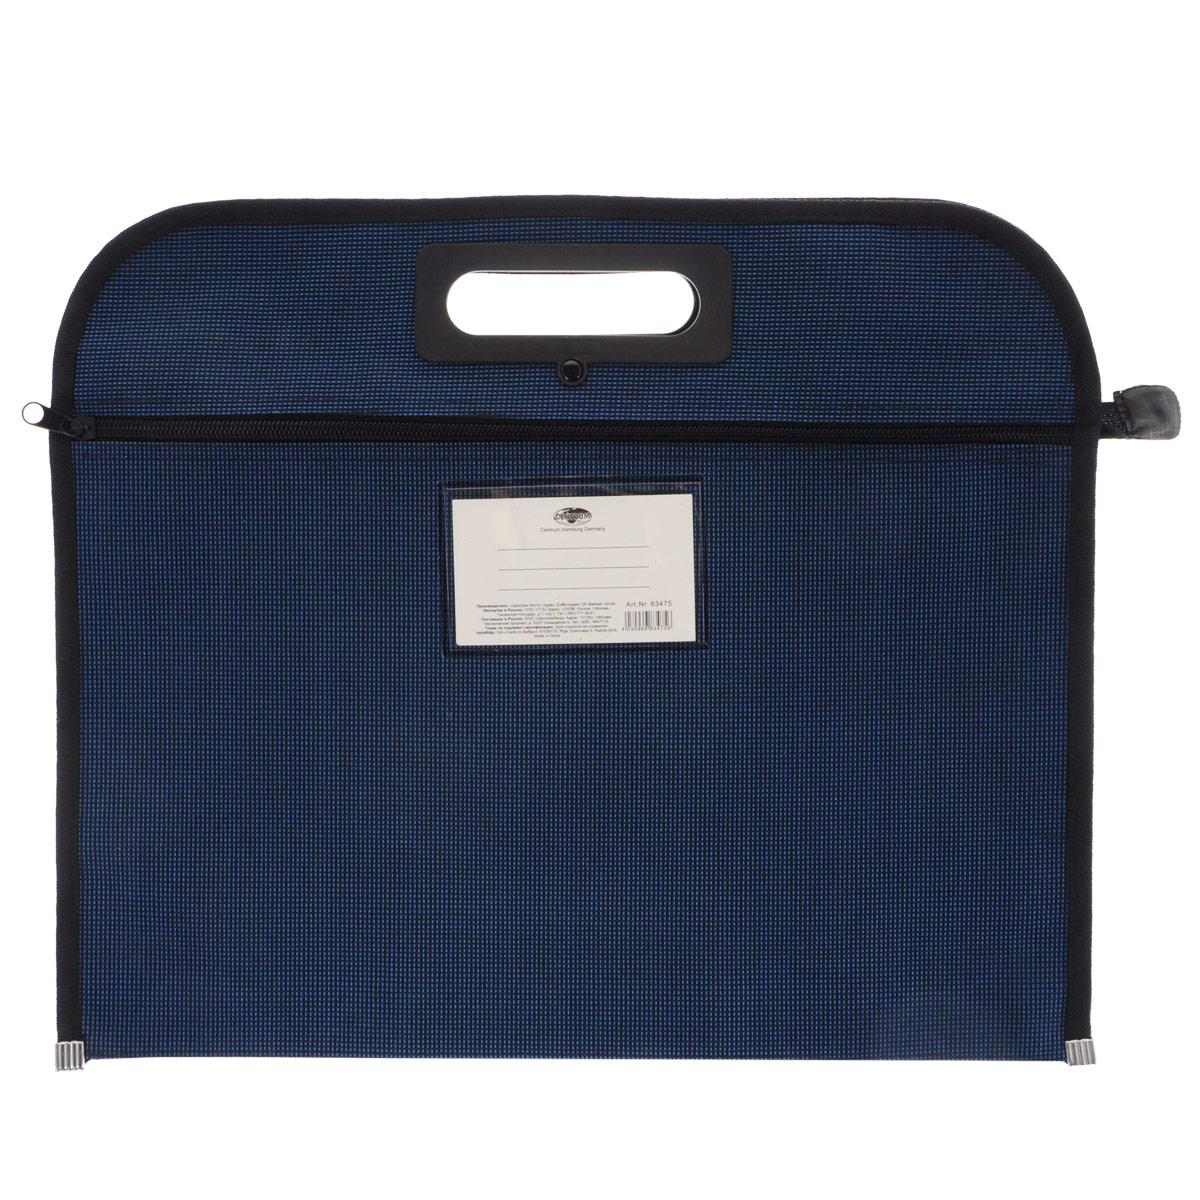 Папка Centrum, на молнии, цвет: синий. Формат А483475Деловая папка Centrum - это удобный и функциональный офисный инструмент, предназначенный для хранения и транспортировки большого объема рабочих бумаг и документов формата А4. Папка изготовлена из высококачественного полиэстера, закрывается на застежку-молнию и имеет удобные ручки для переноски. Папка состоит из одного вместительного отделения. На фронтальной стороне расположен прорезной карман на застежке-молнии и прозрачное окошко для визитной карточки.Папка - это незаменимый атрибут для студента, школьника, офисного работника. Такая папка надежно сохранит ваши документы и сбережет их от повреждений, пыли и влаги.